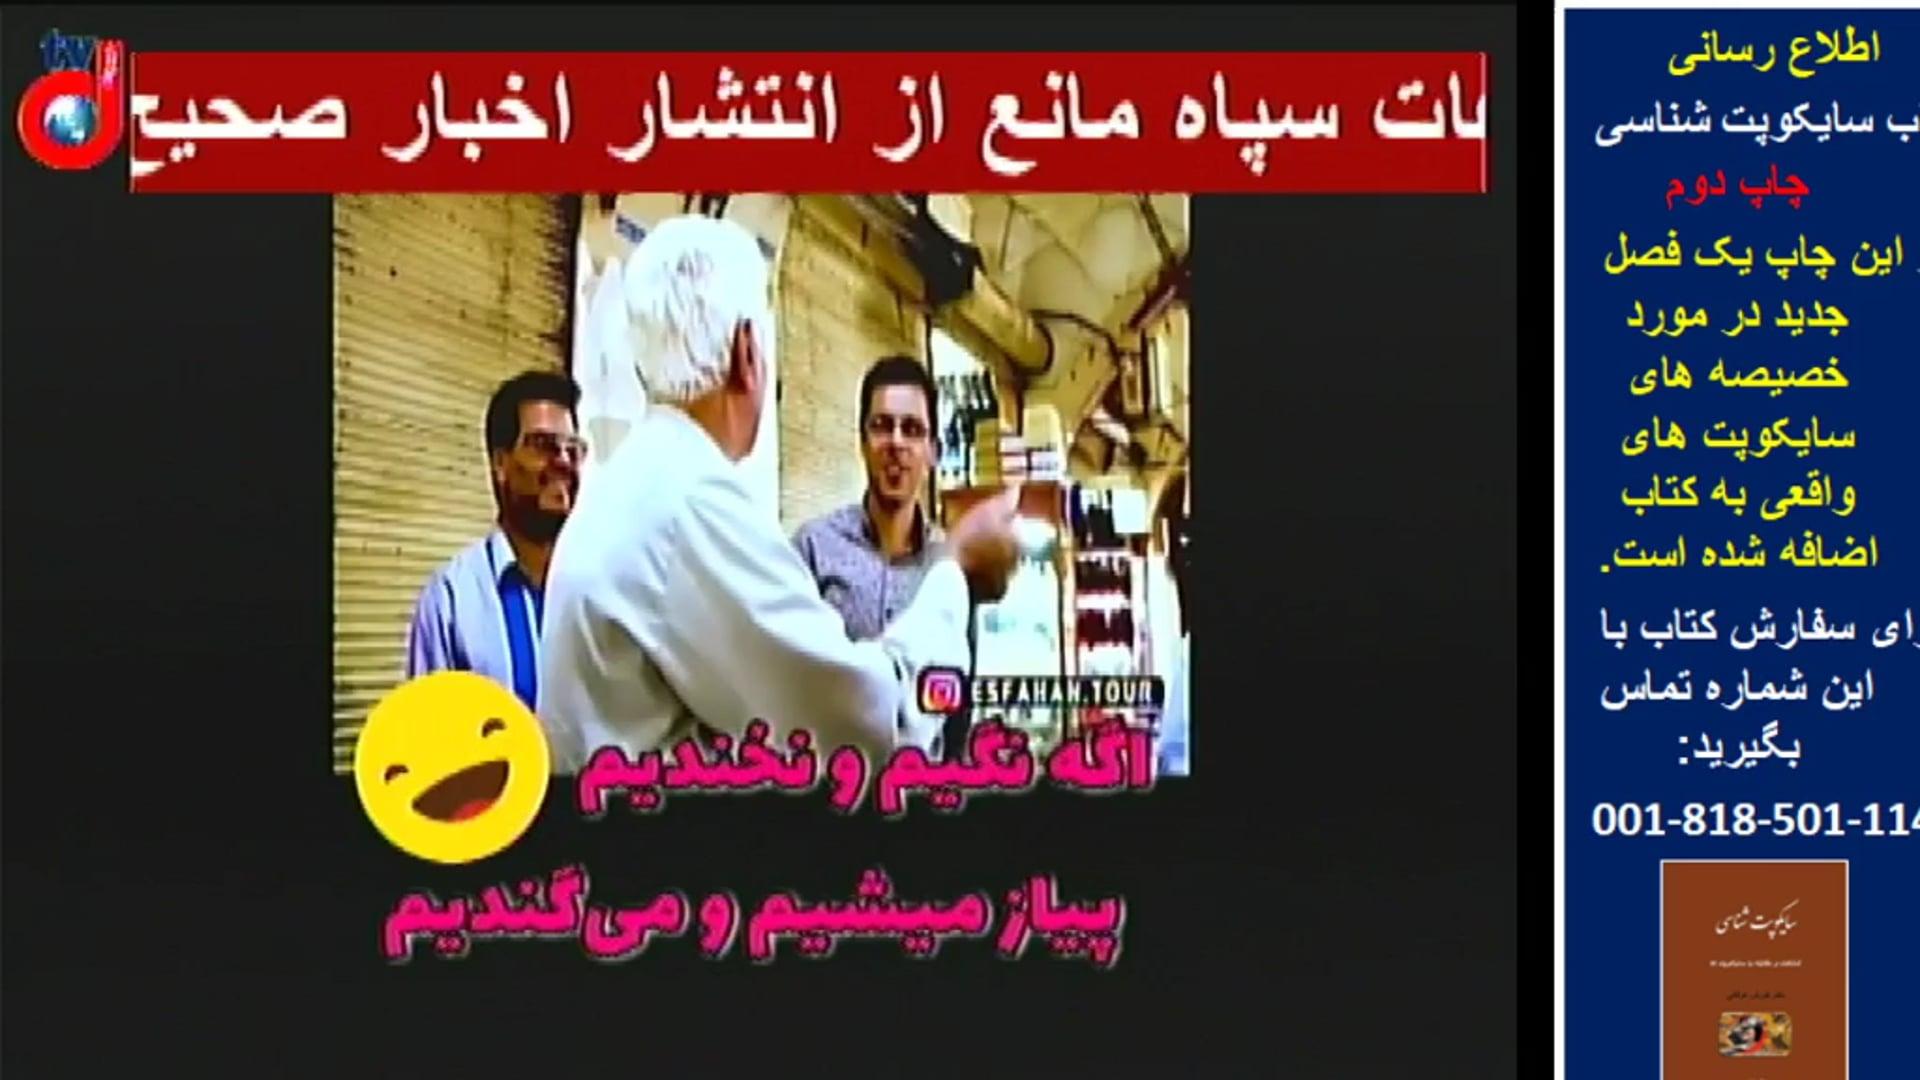 Didgah Live- پخش زنده برنامه های دیدگاه